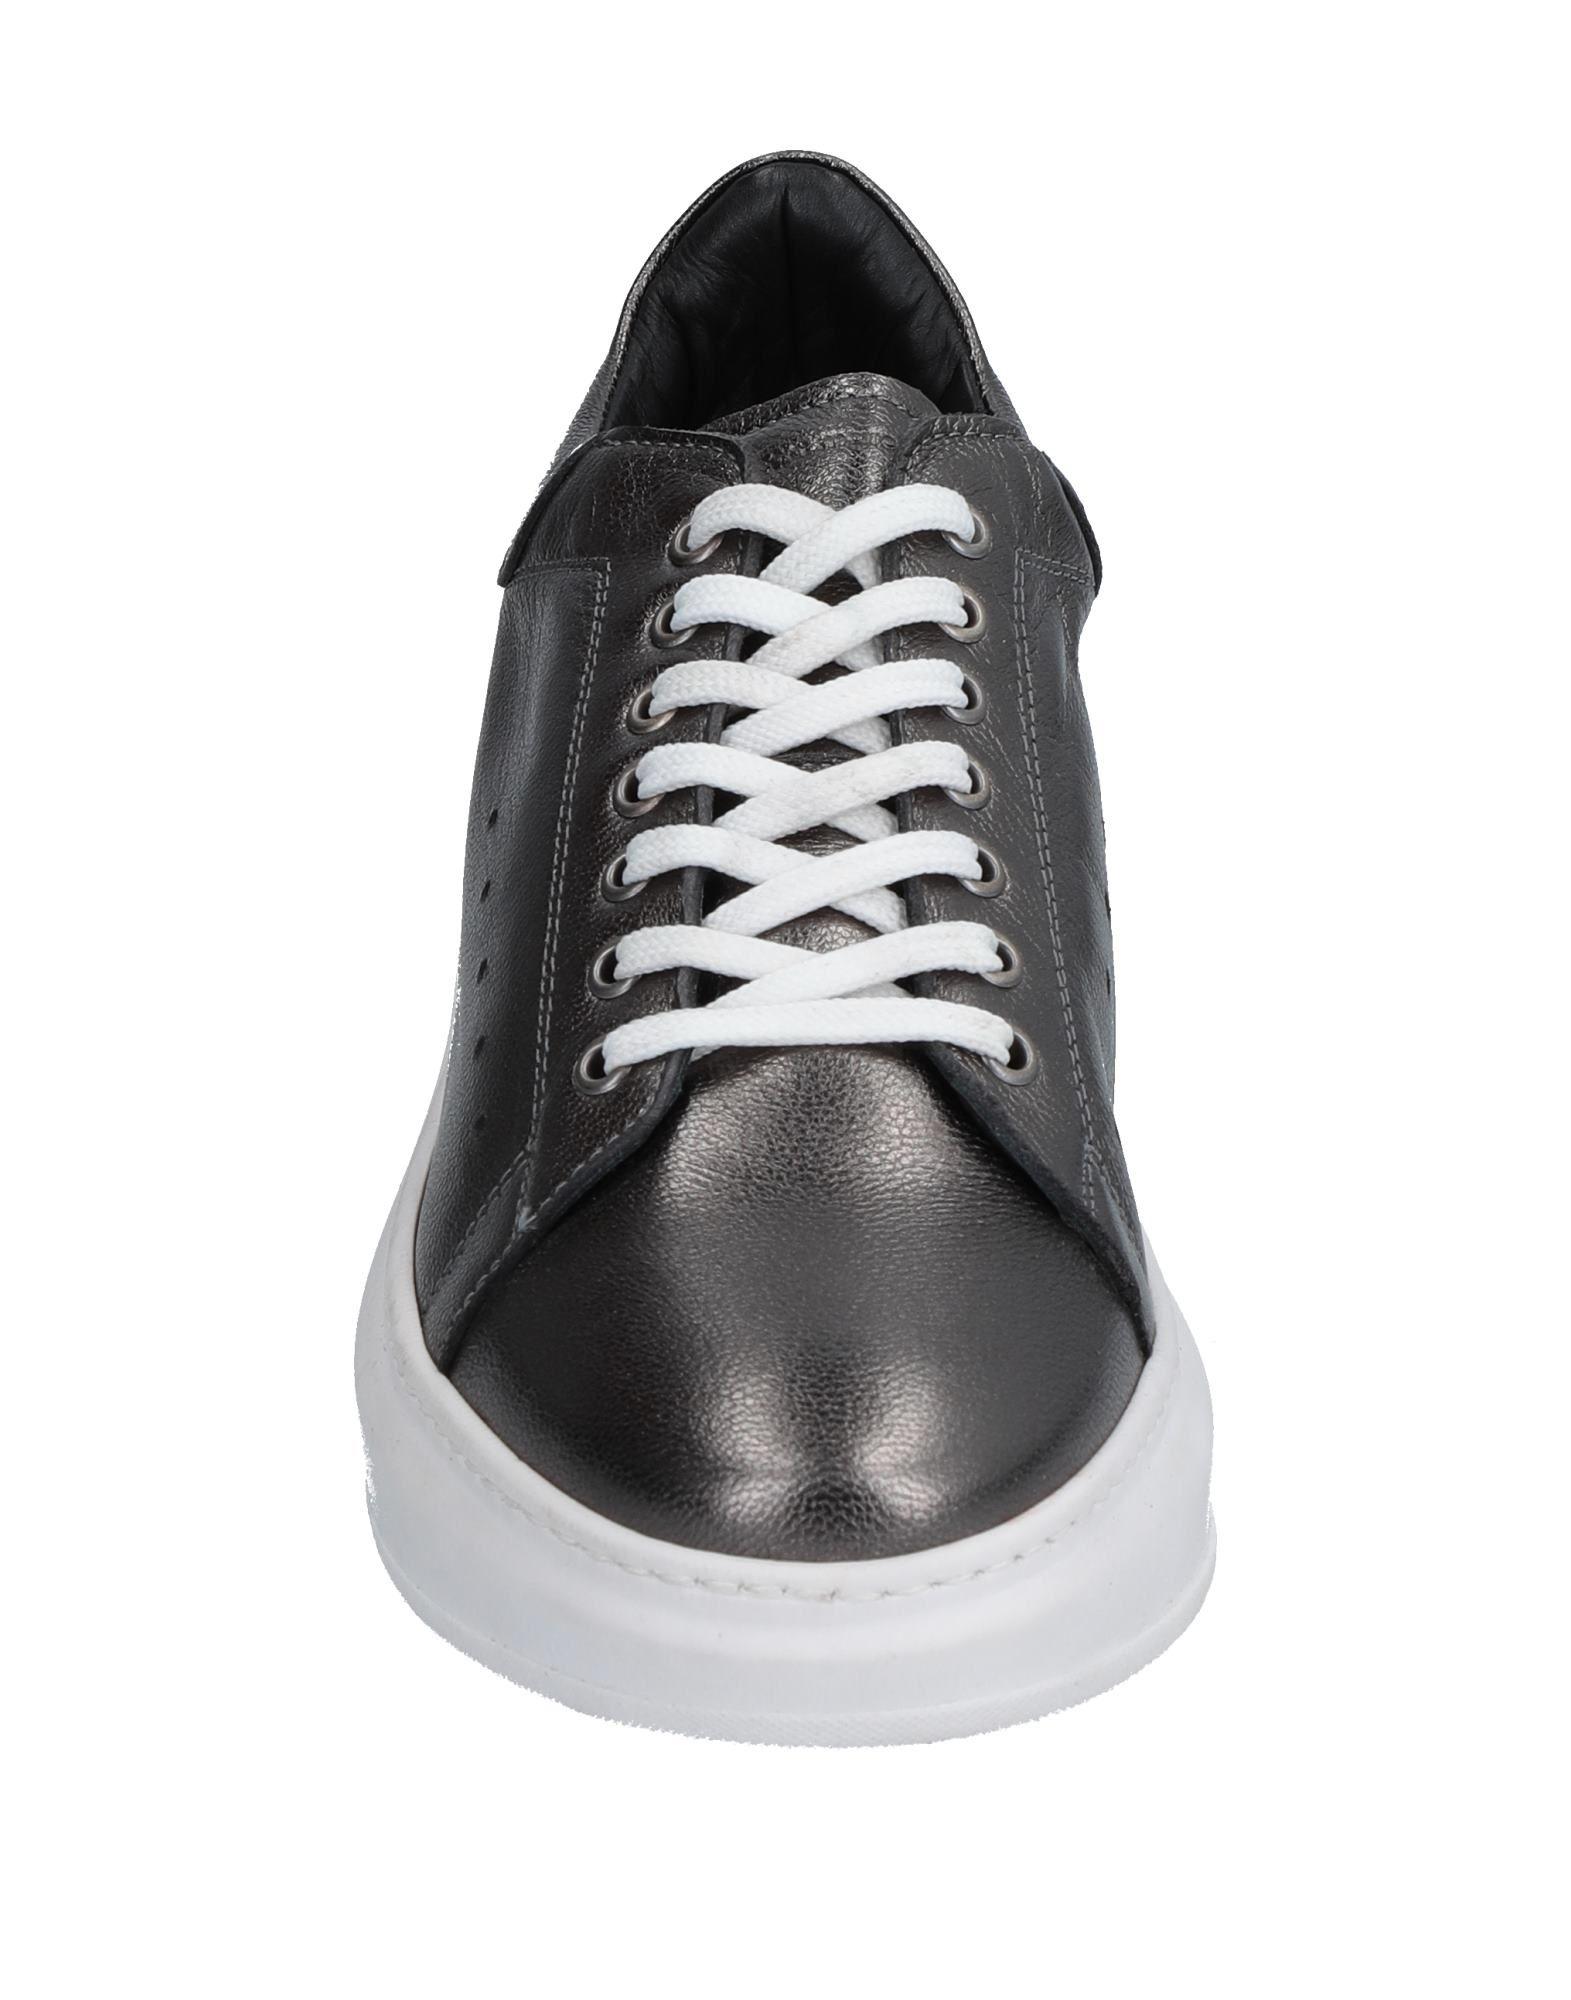 Bottega Marchigiana Sneakers Herren  11542384CW 11542384CW  603666